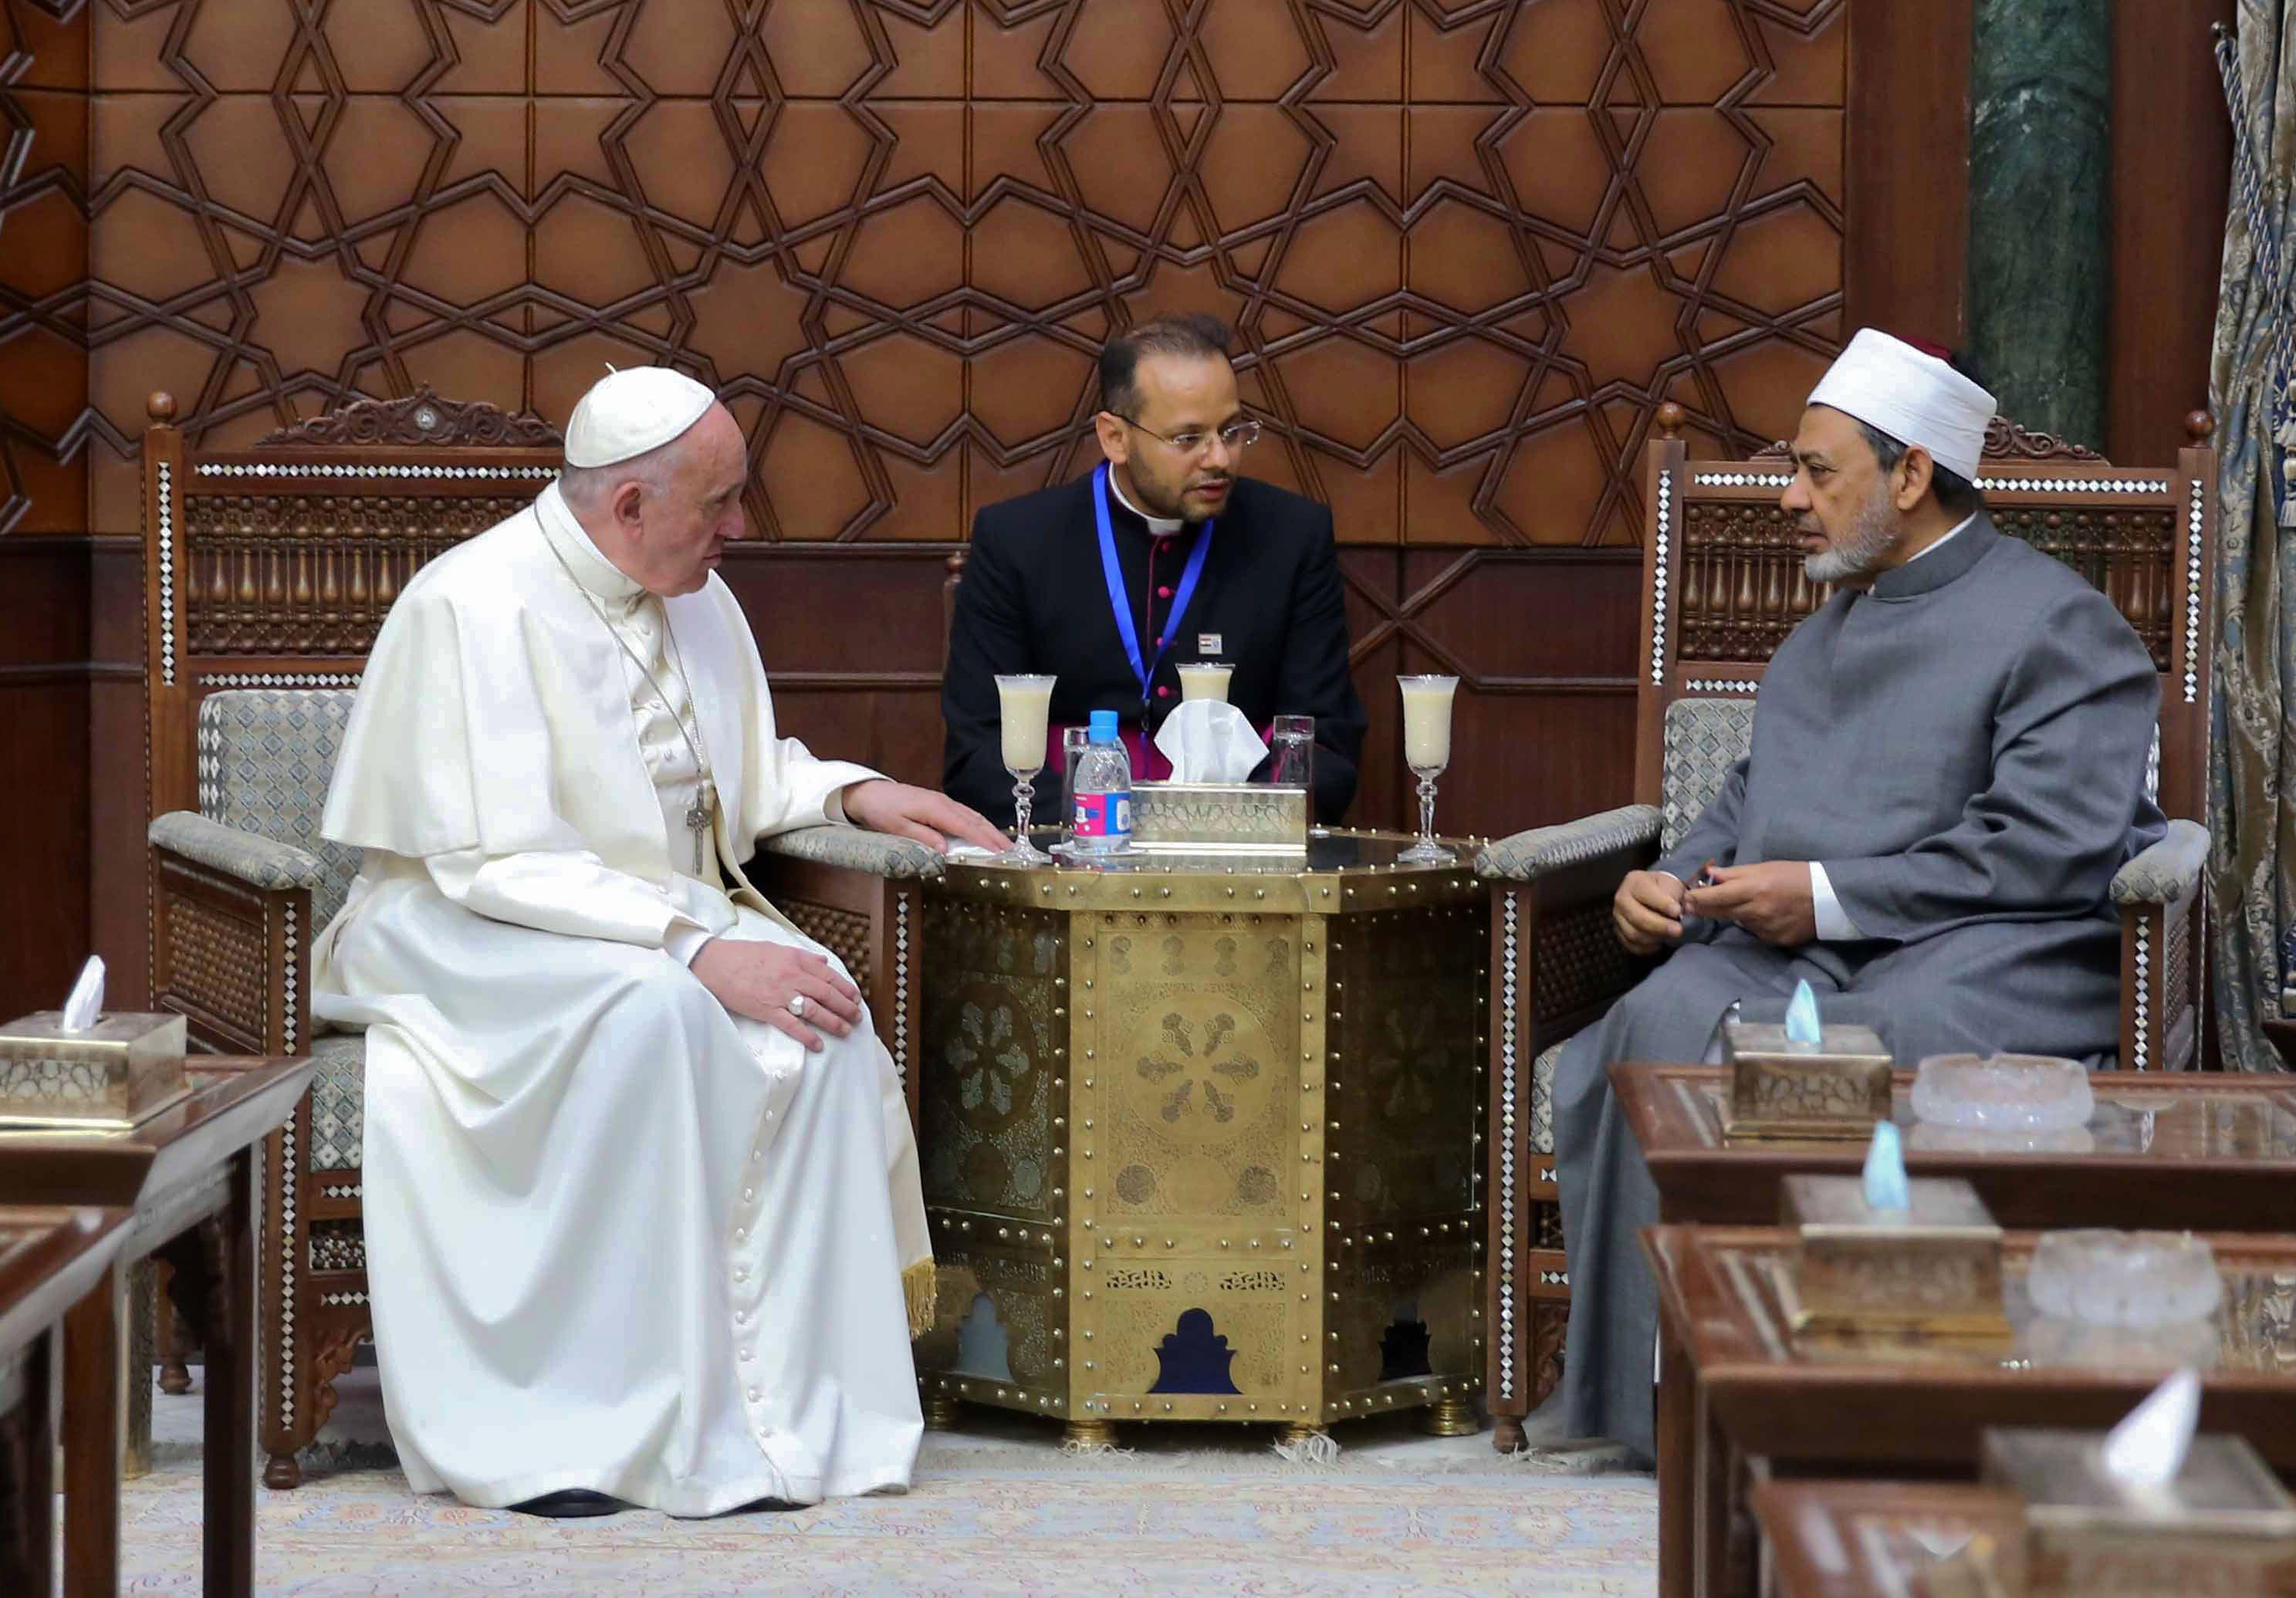 حديث بين الأمام الأكبر وبابا الفاتيكان